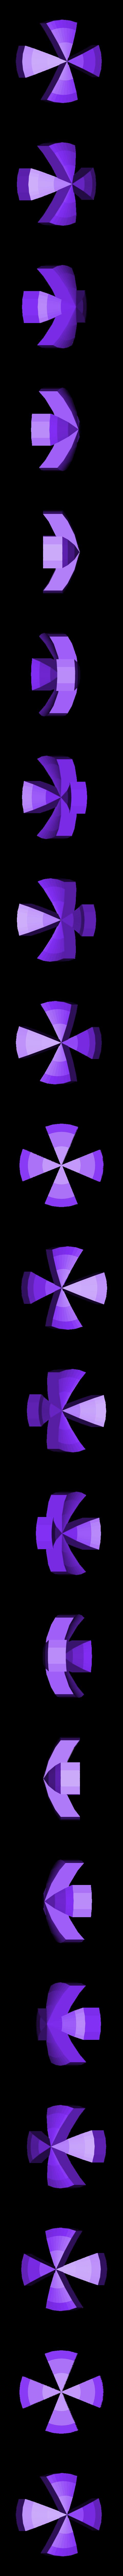 Rocket12h.stl Download free STL file 8 Color Rocket • 3D printing design, ykratter